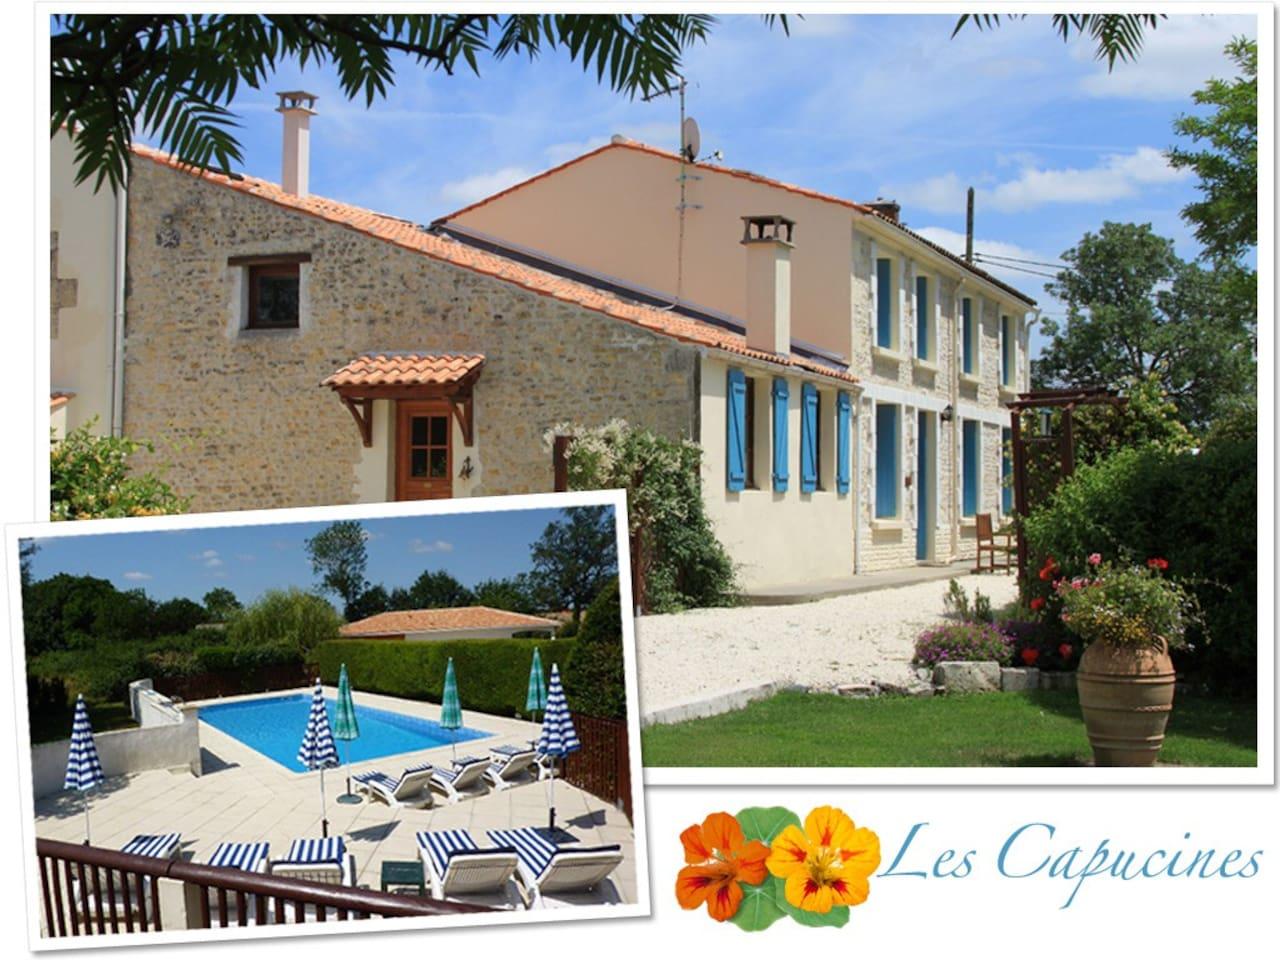 C18th Charentaise Farmhouse with large Pool, nr La Rochelle & Ile de Ré